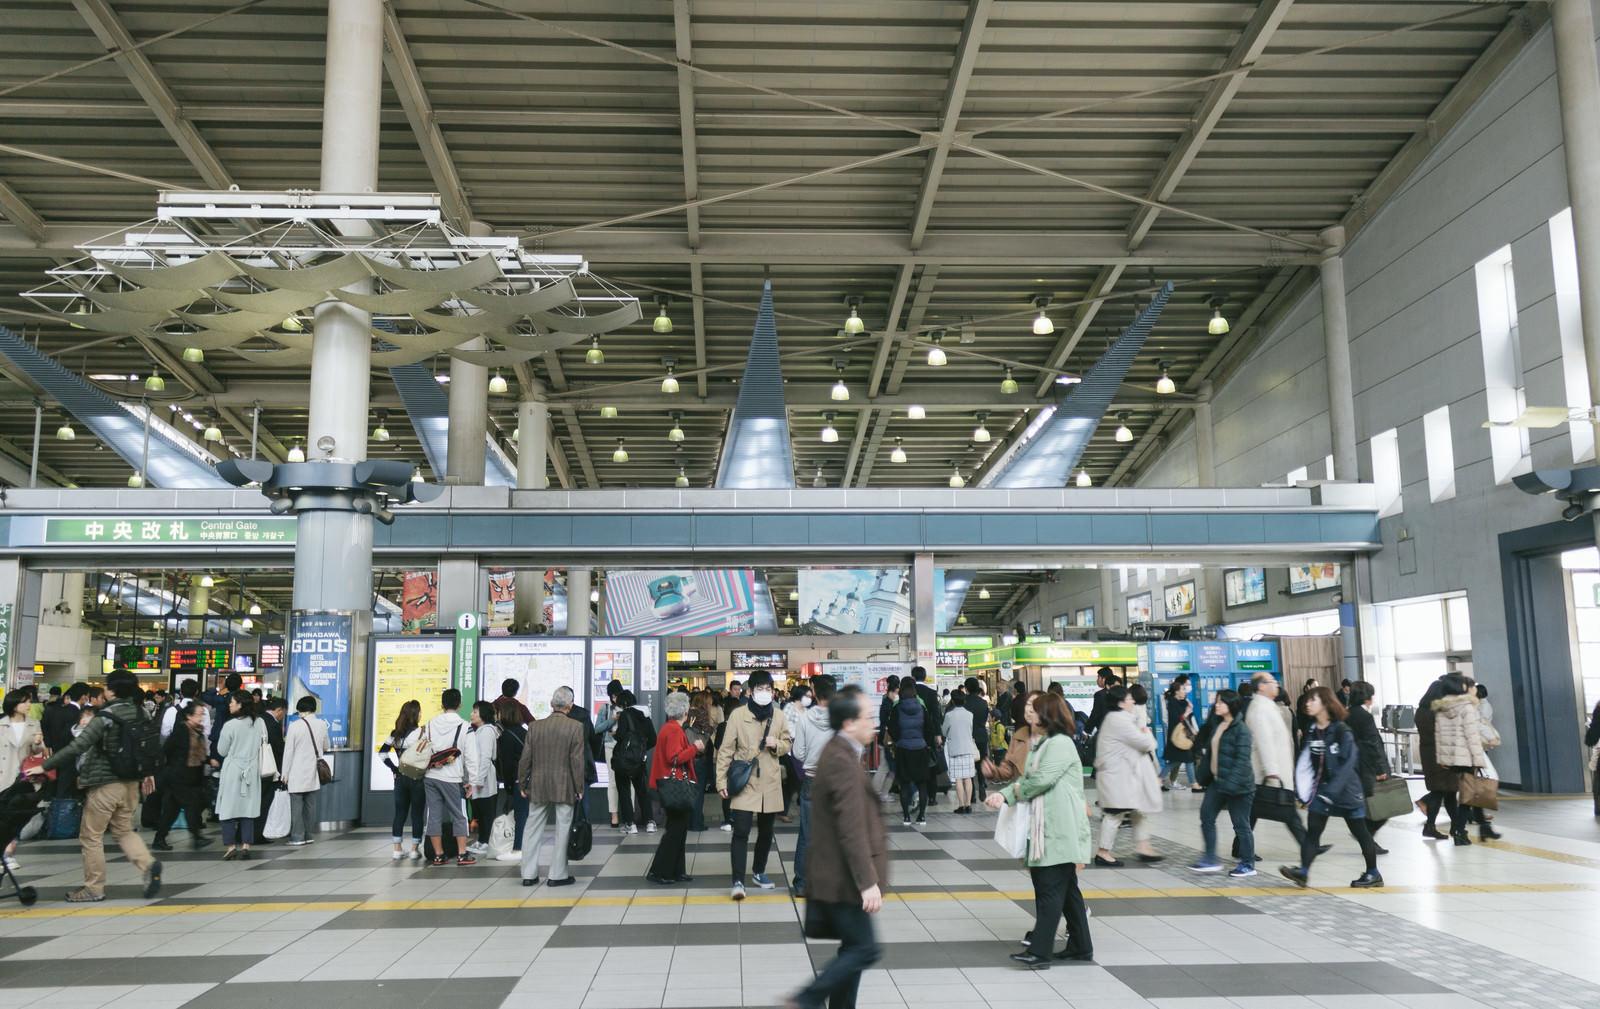 「品川中央改札前の混雑」の写真